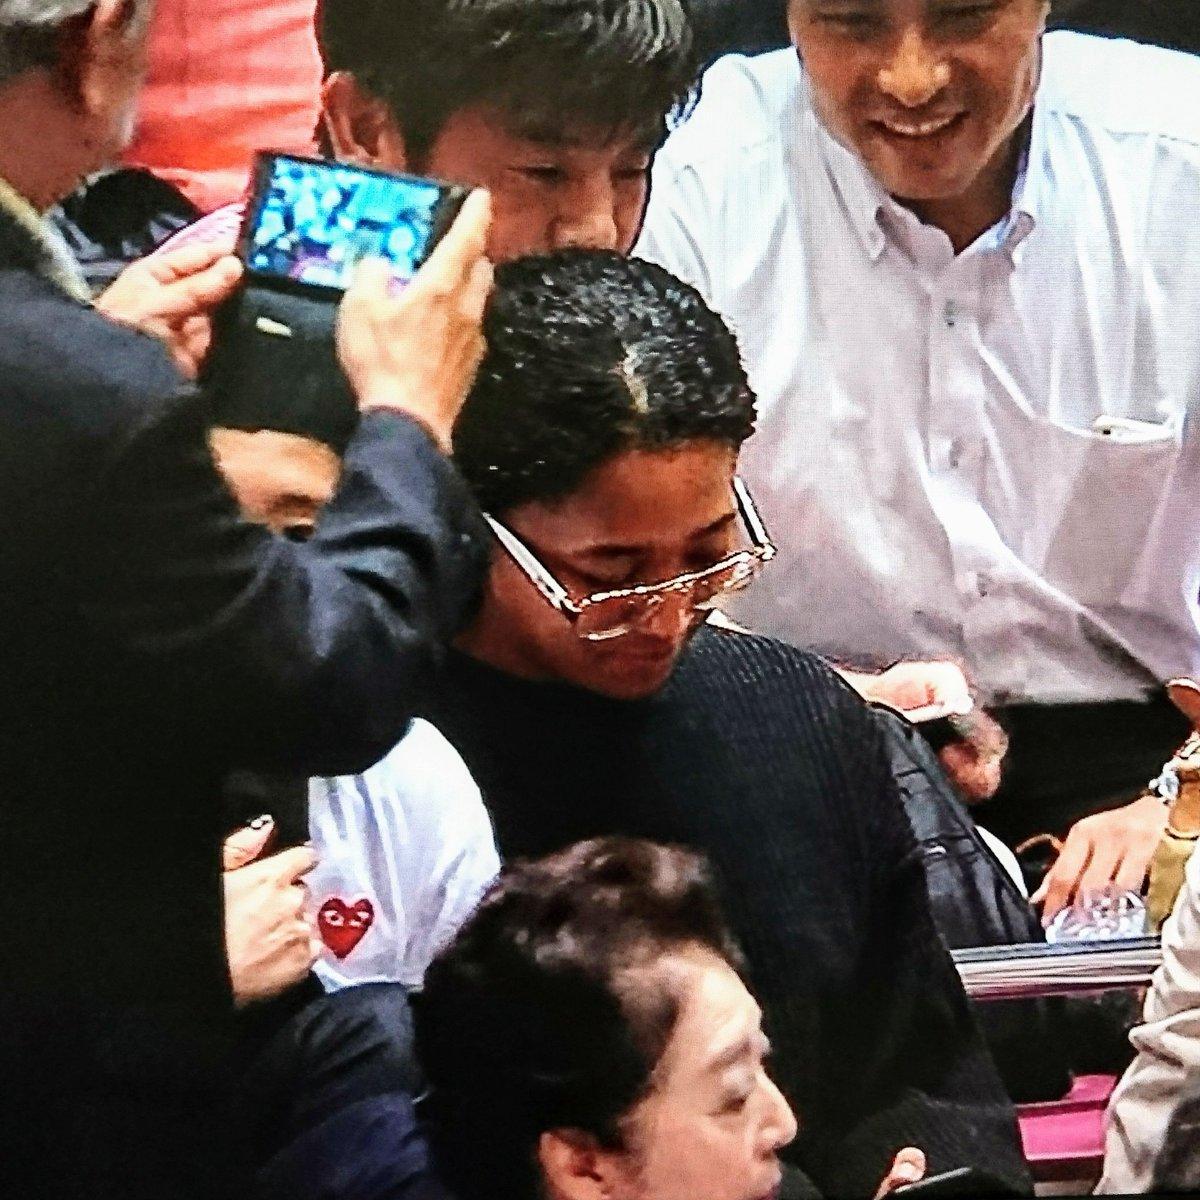 大相撲秋場所で大坂なおみさんを無断で撮影するおっさんの画像